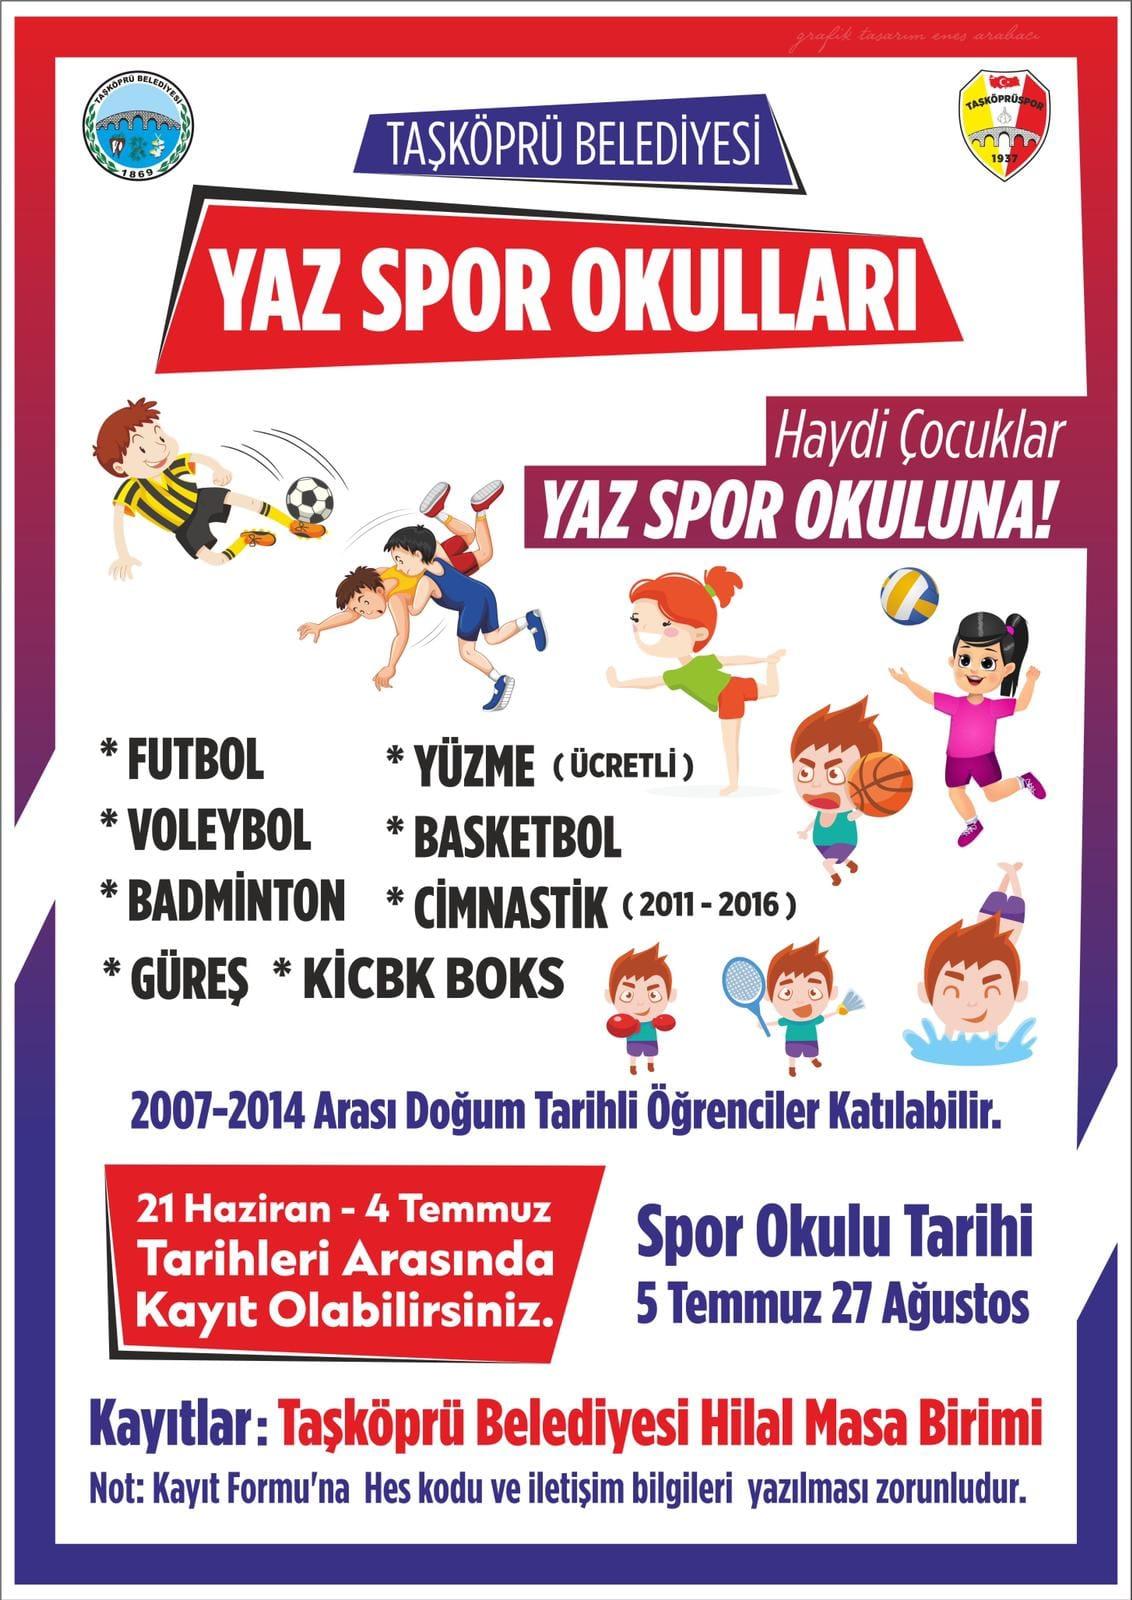 Haydi Çocuklar Yaz Spor Okuluna